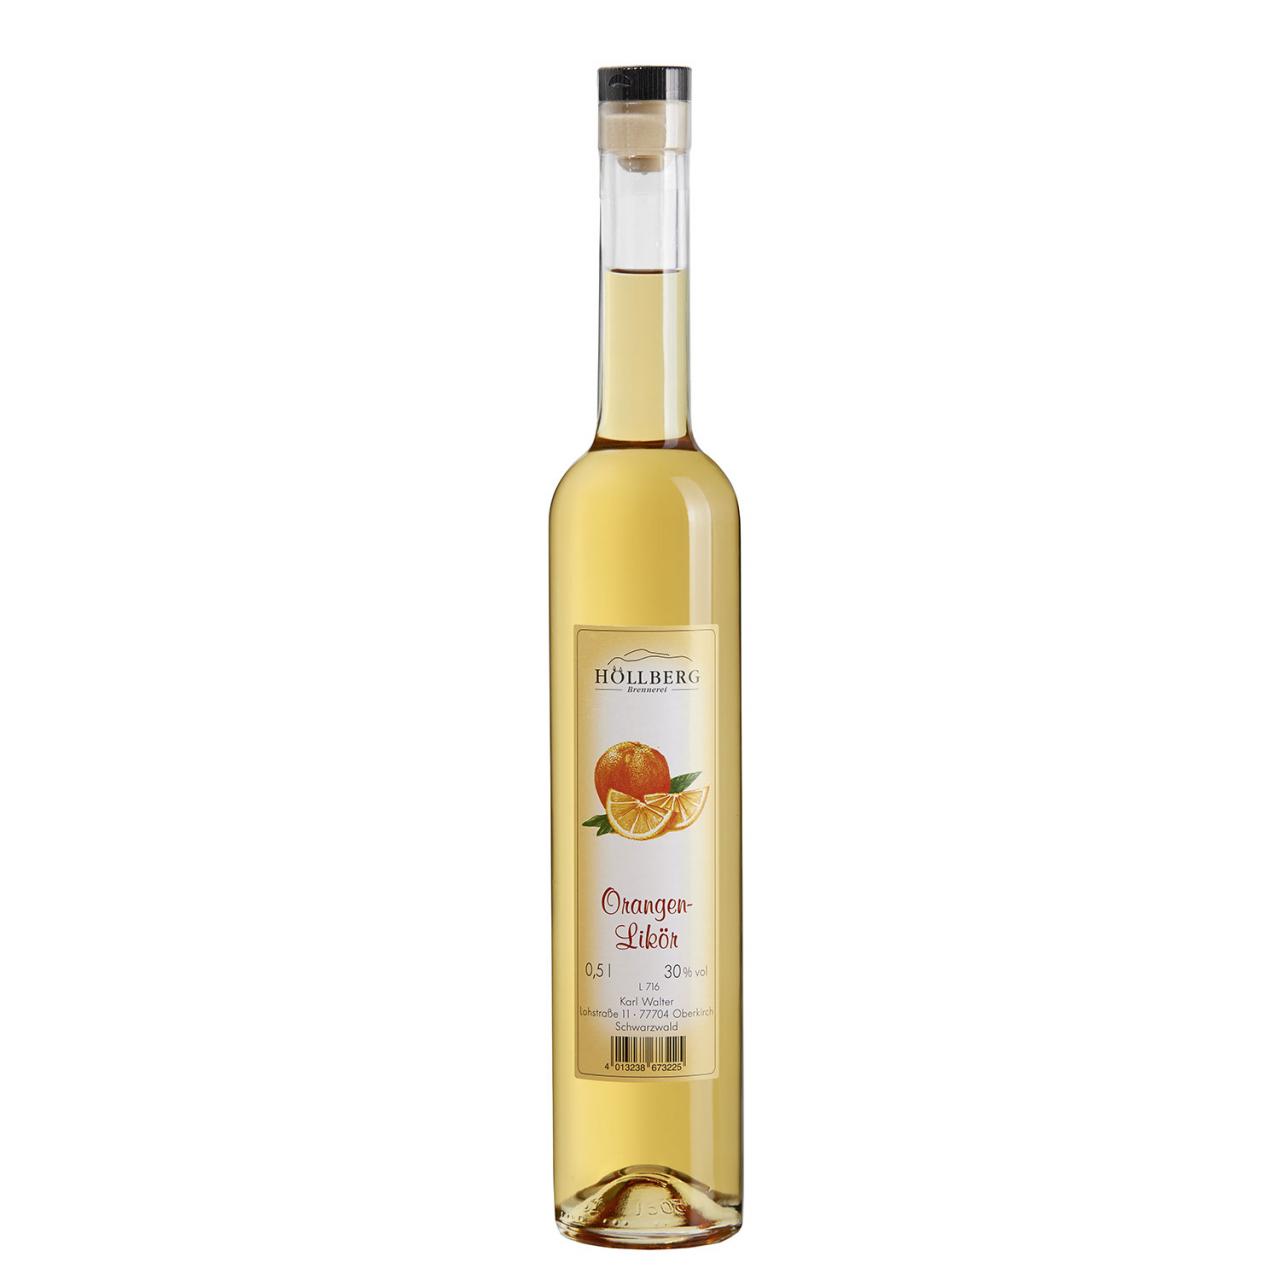 0,5 Literflasche Höllberg Ornagenlikör mit 30% vol Alkoholgehalt